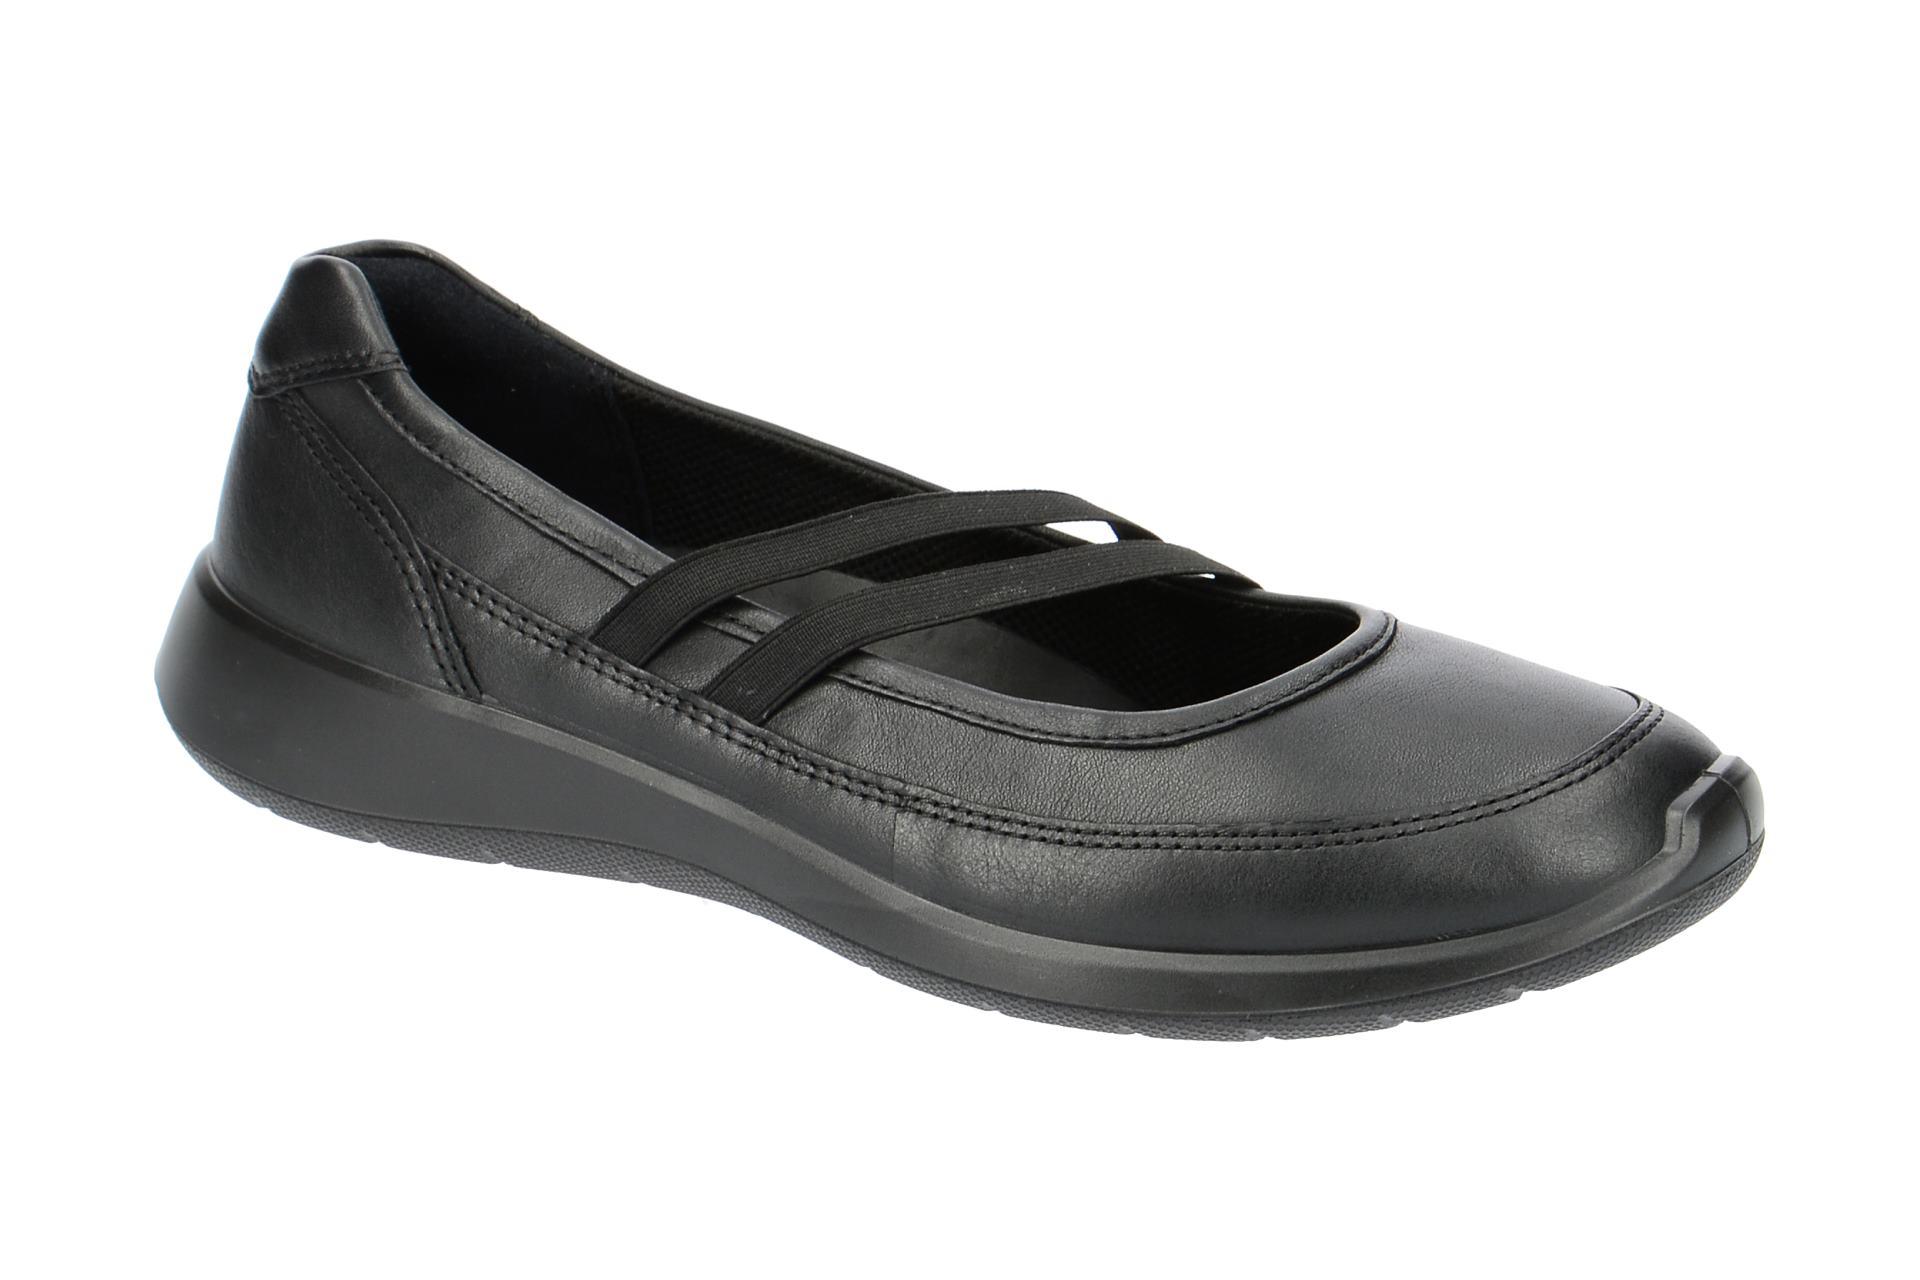 Ecco SOFT 5 Ballerina - Halbschuhe - Slipper für Damen in schwarz - 28318301001 utd5B